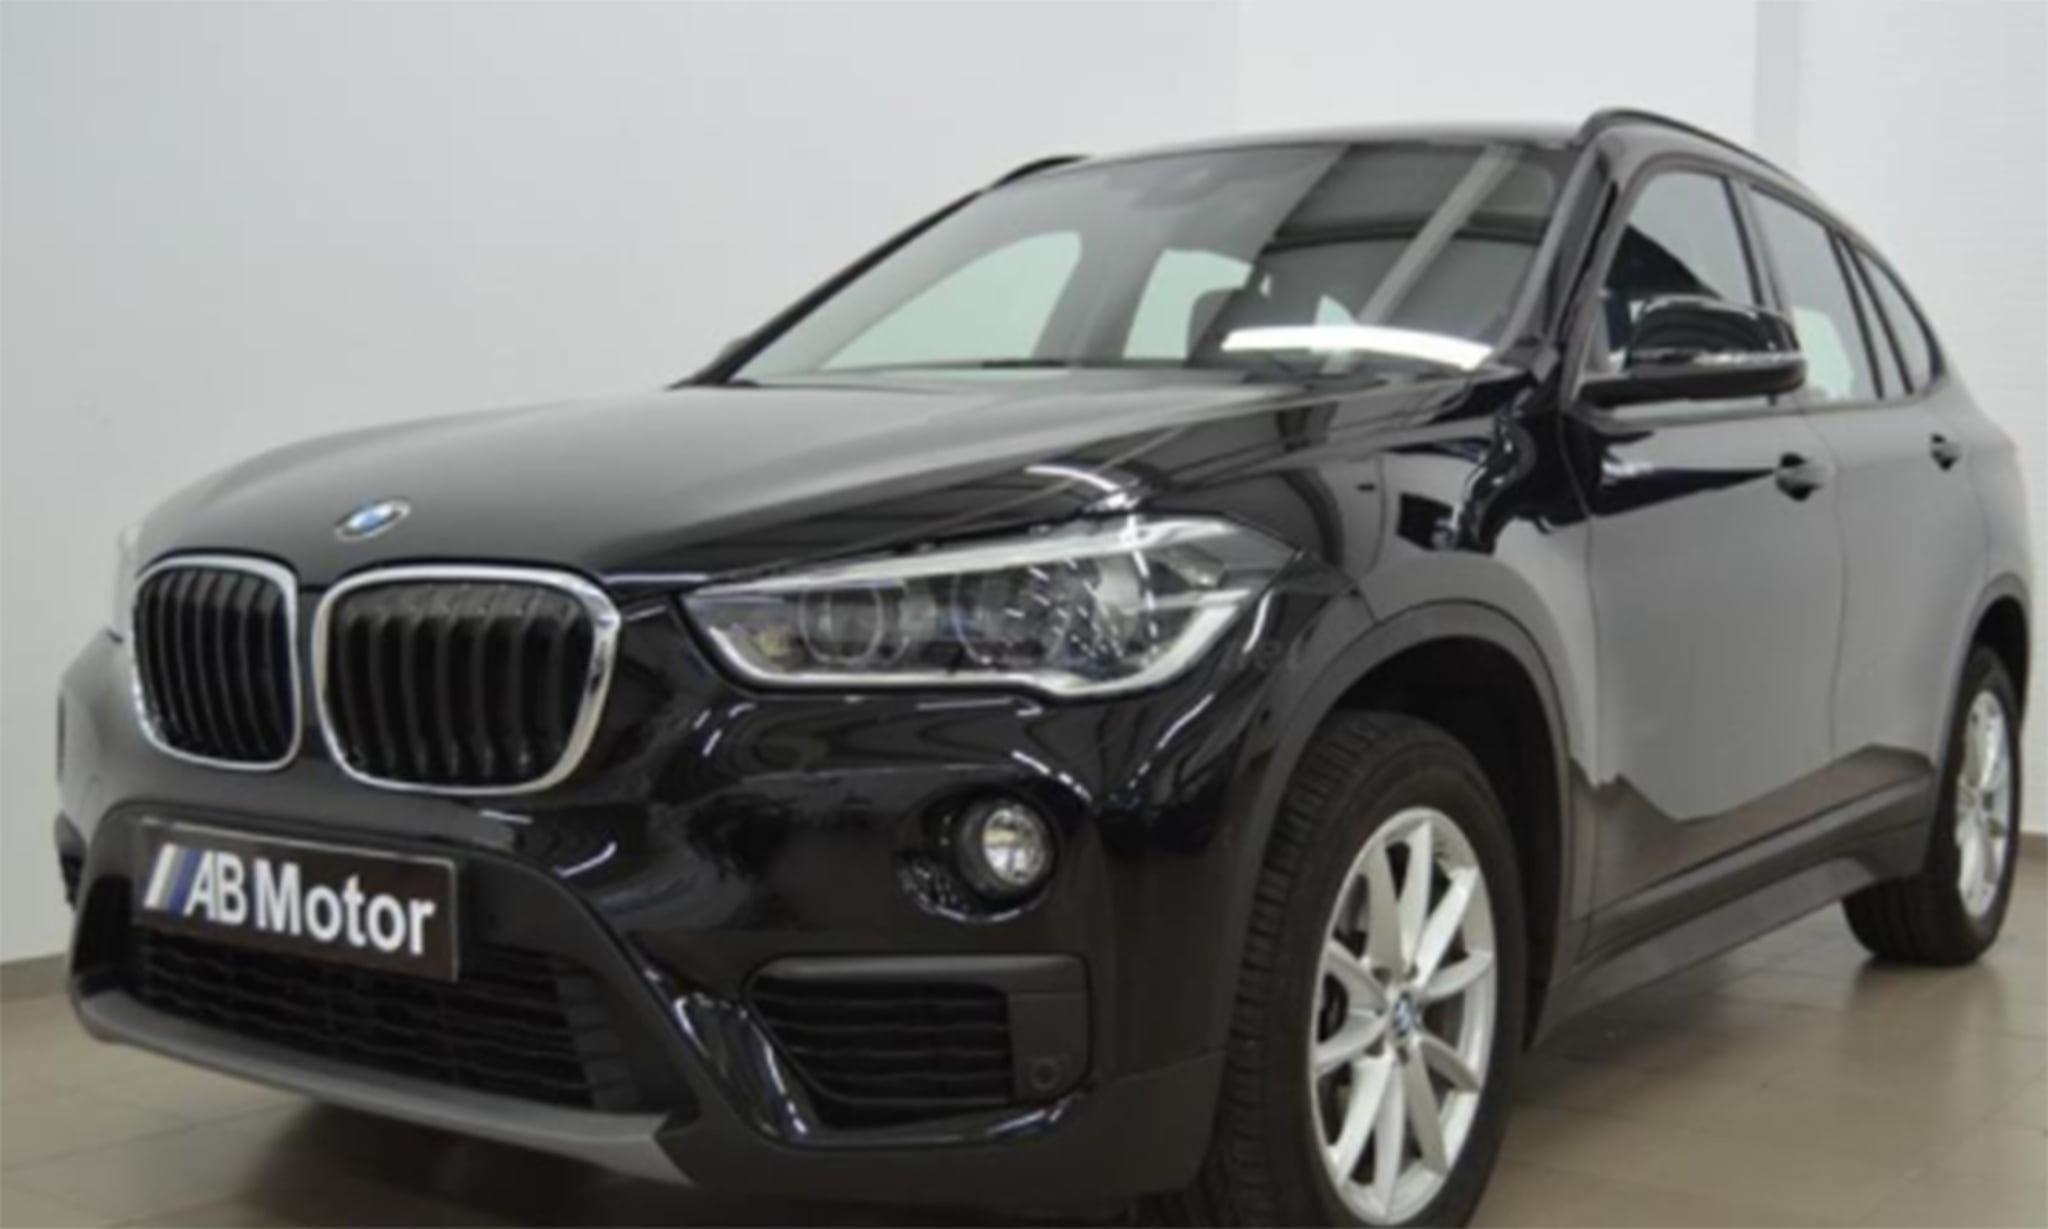 BMW X1 sDrive18dA 5p. - AB Motor